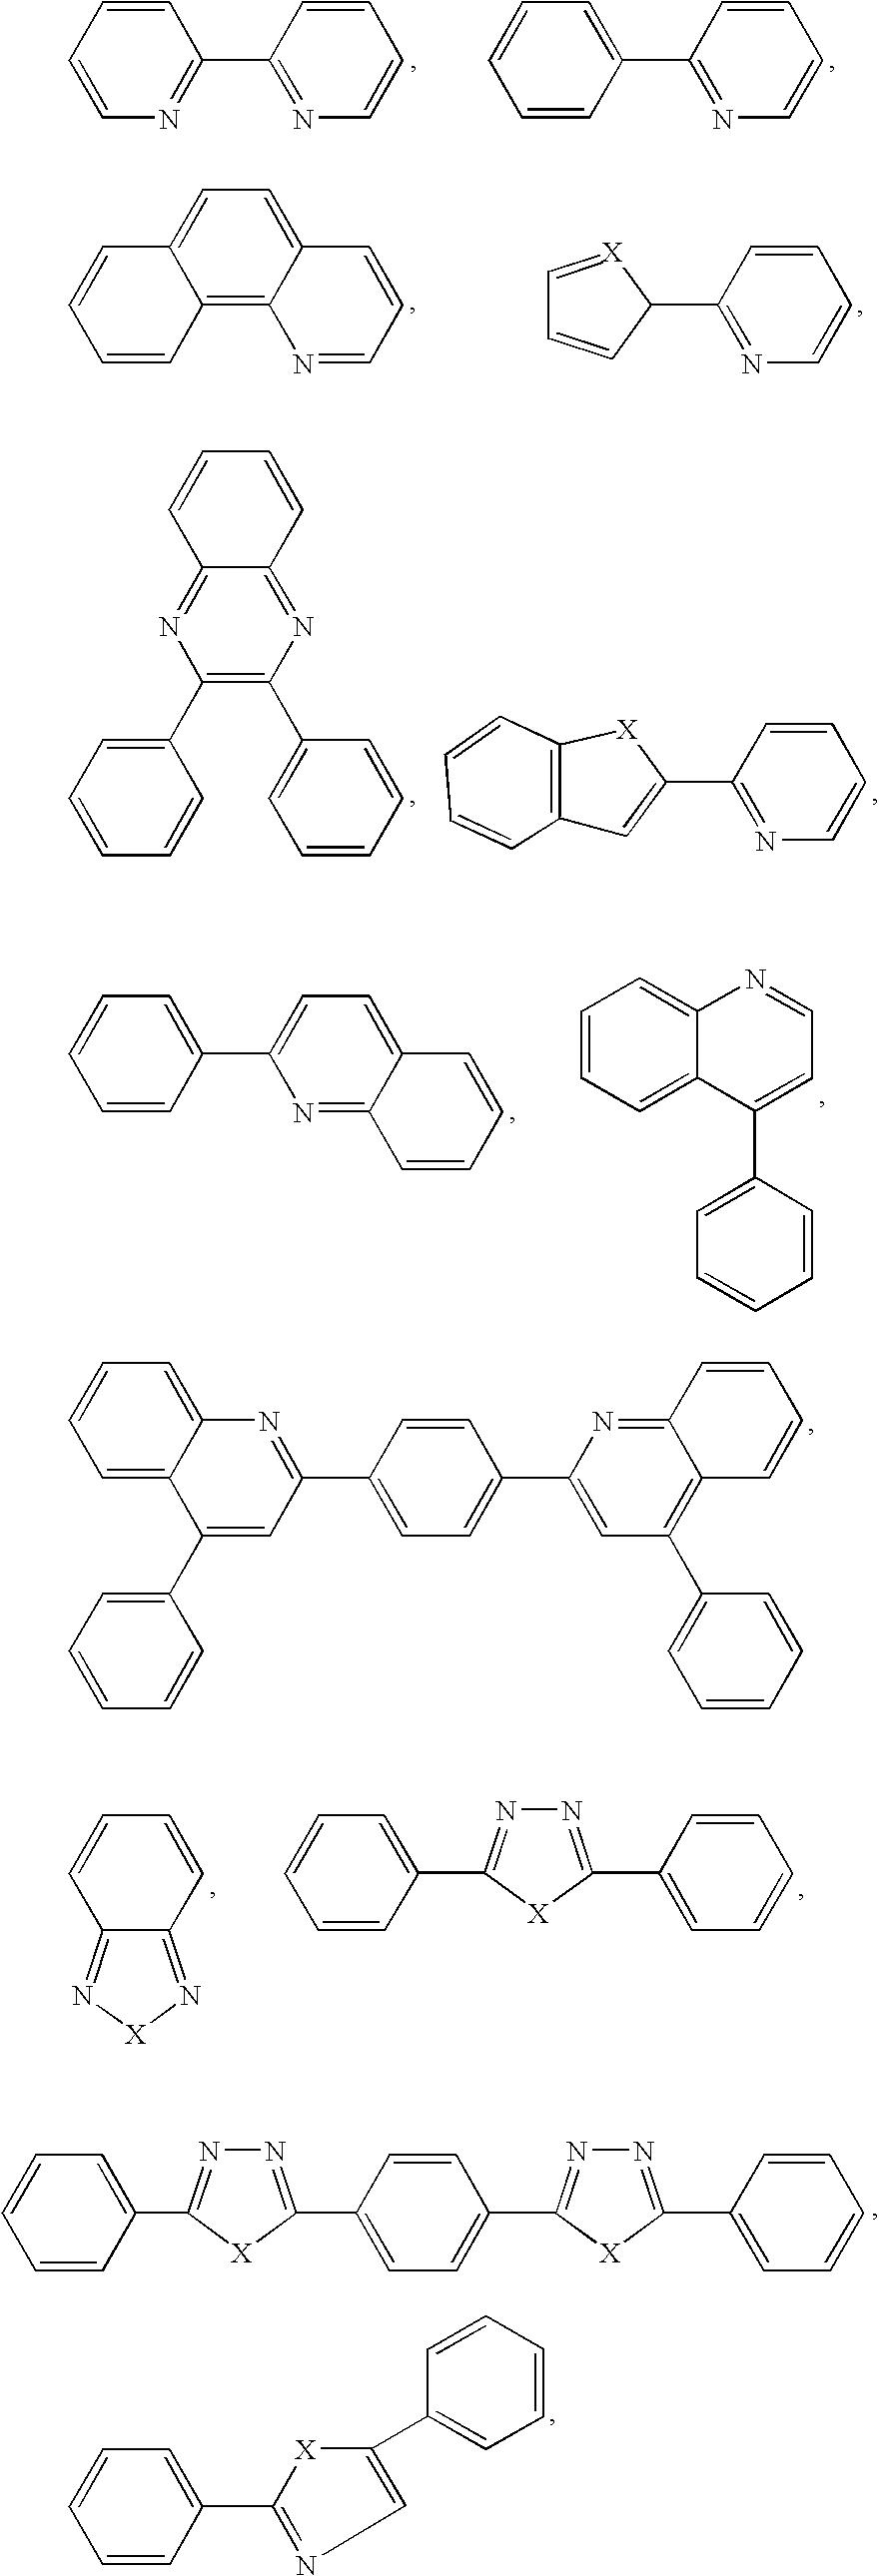 Figure US20070107835A1-20070517-C00025